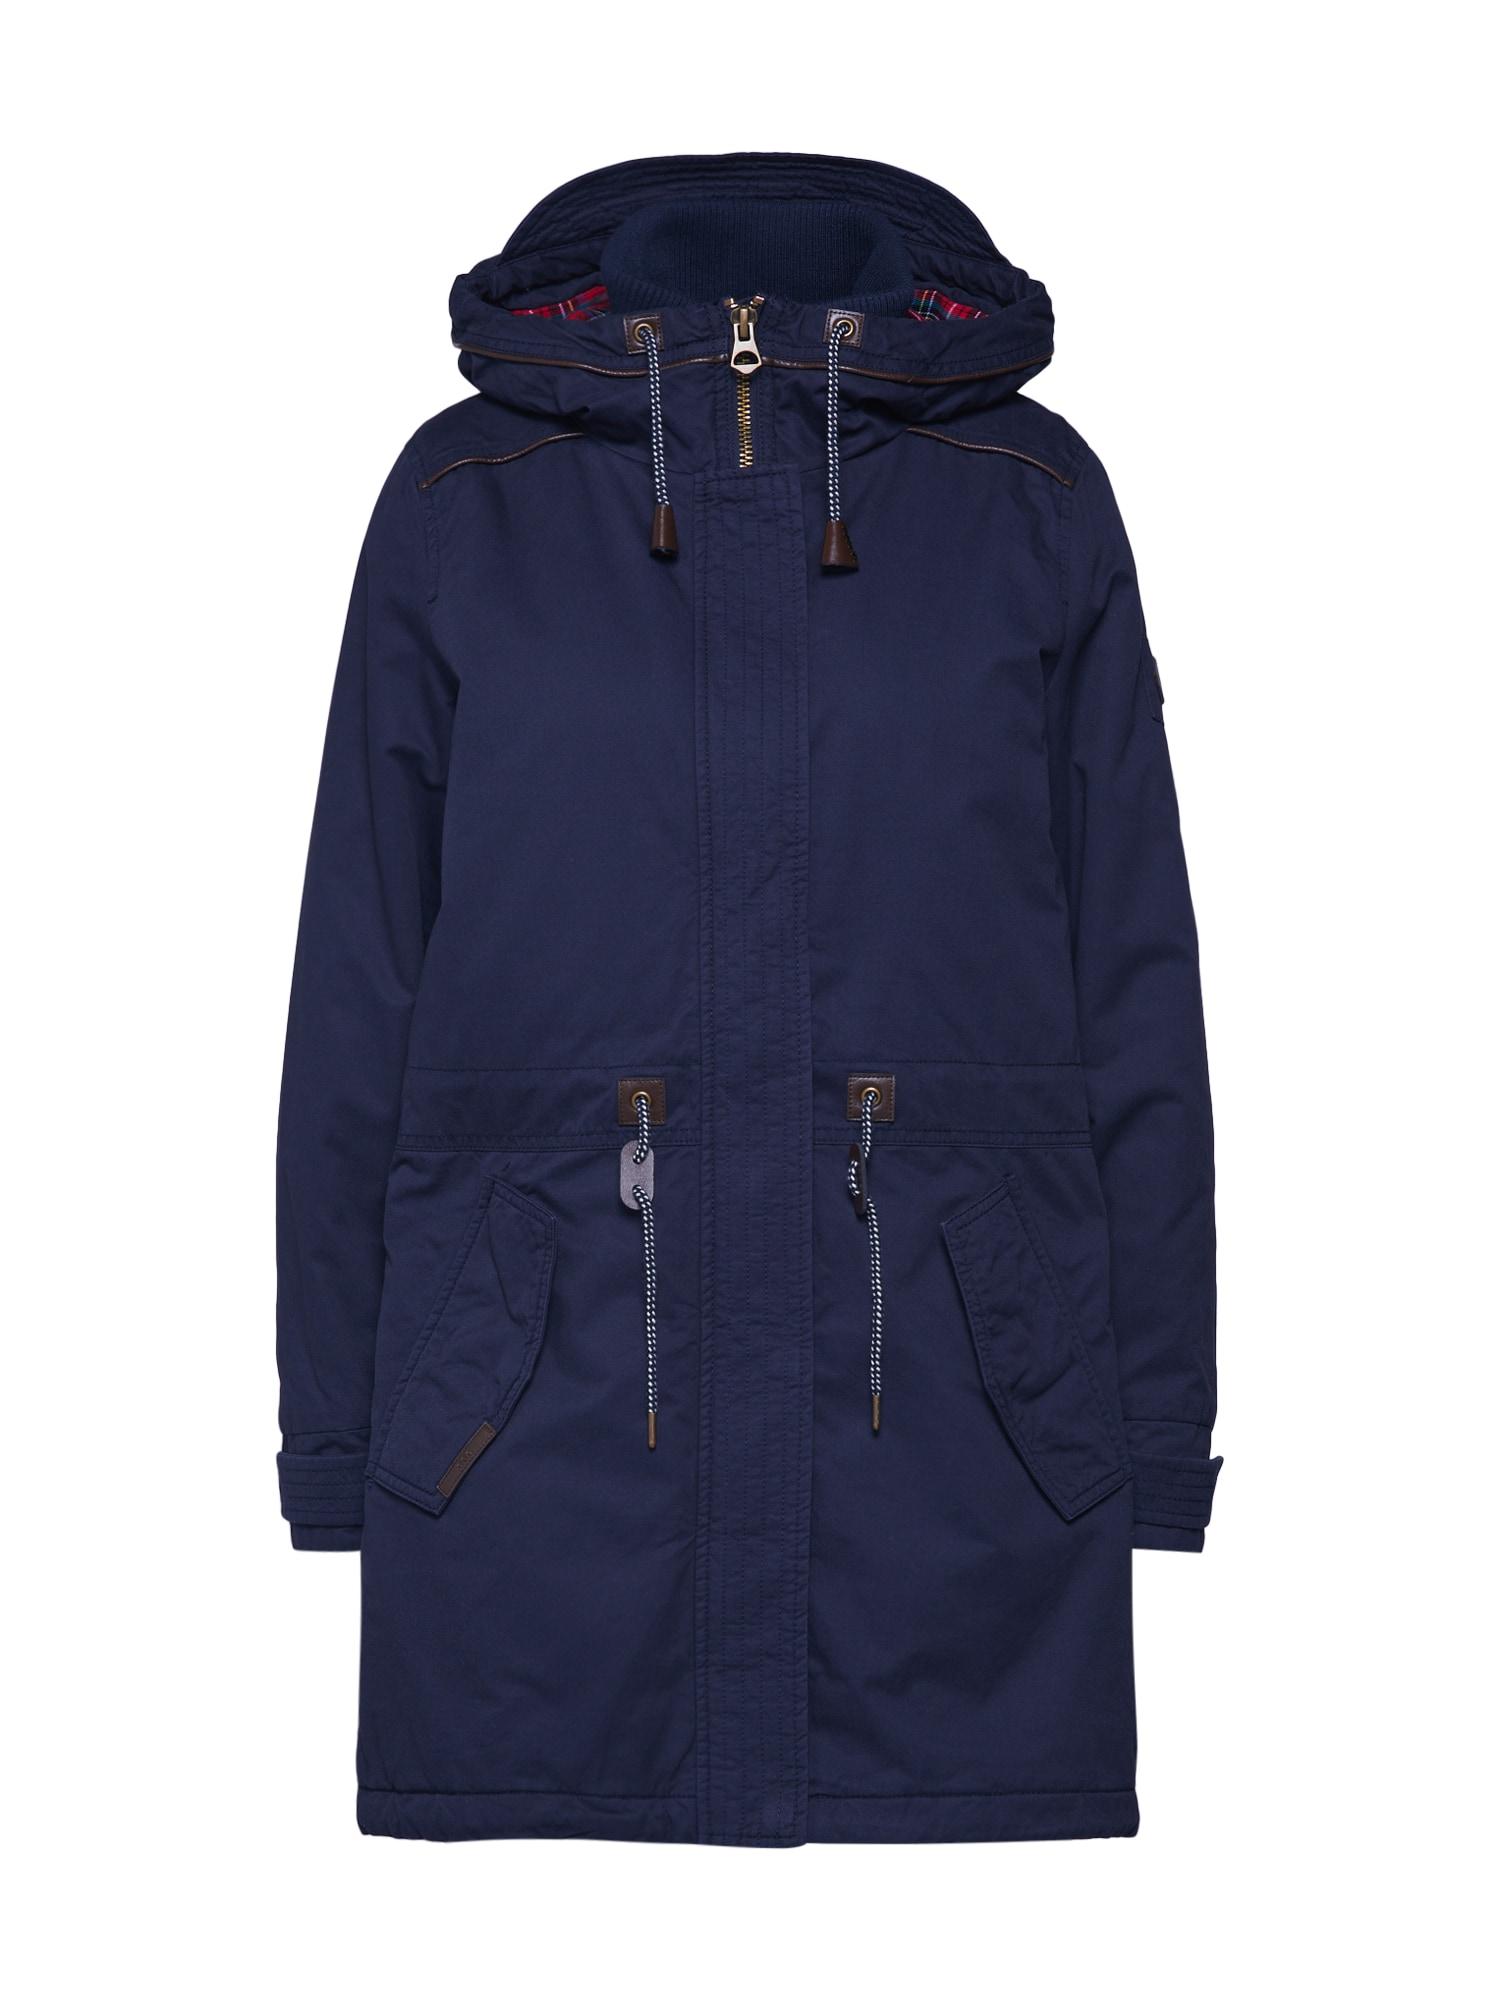 EDC BY ESPRIT Žieminis paltas 'Padded' tamsiai mėlyna